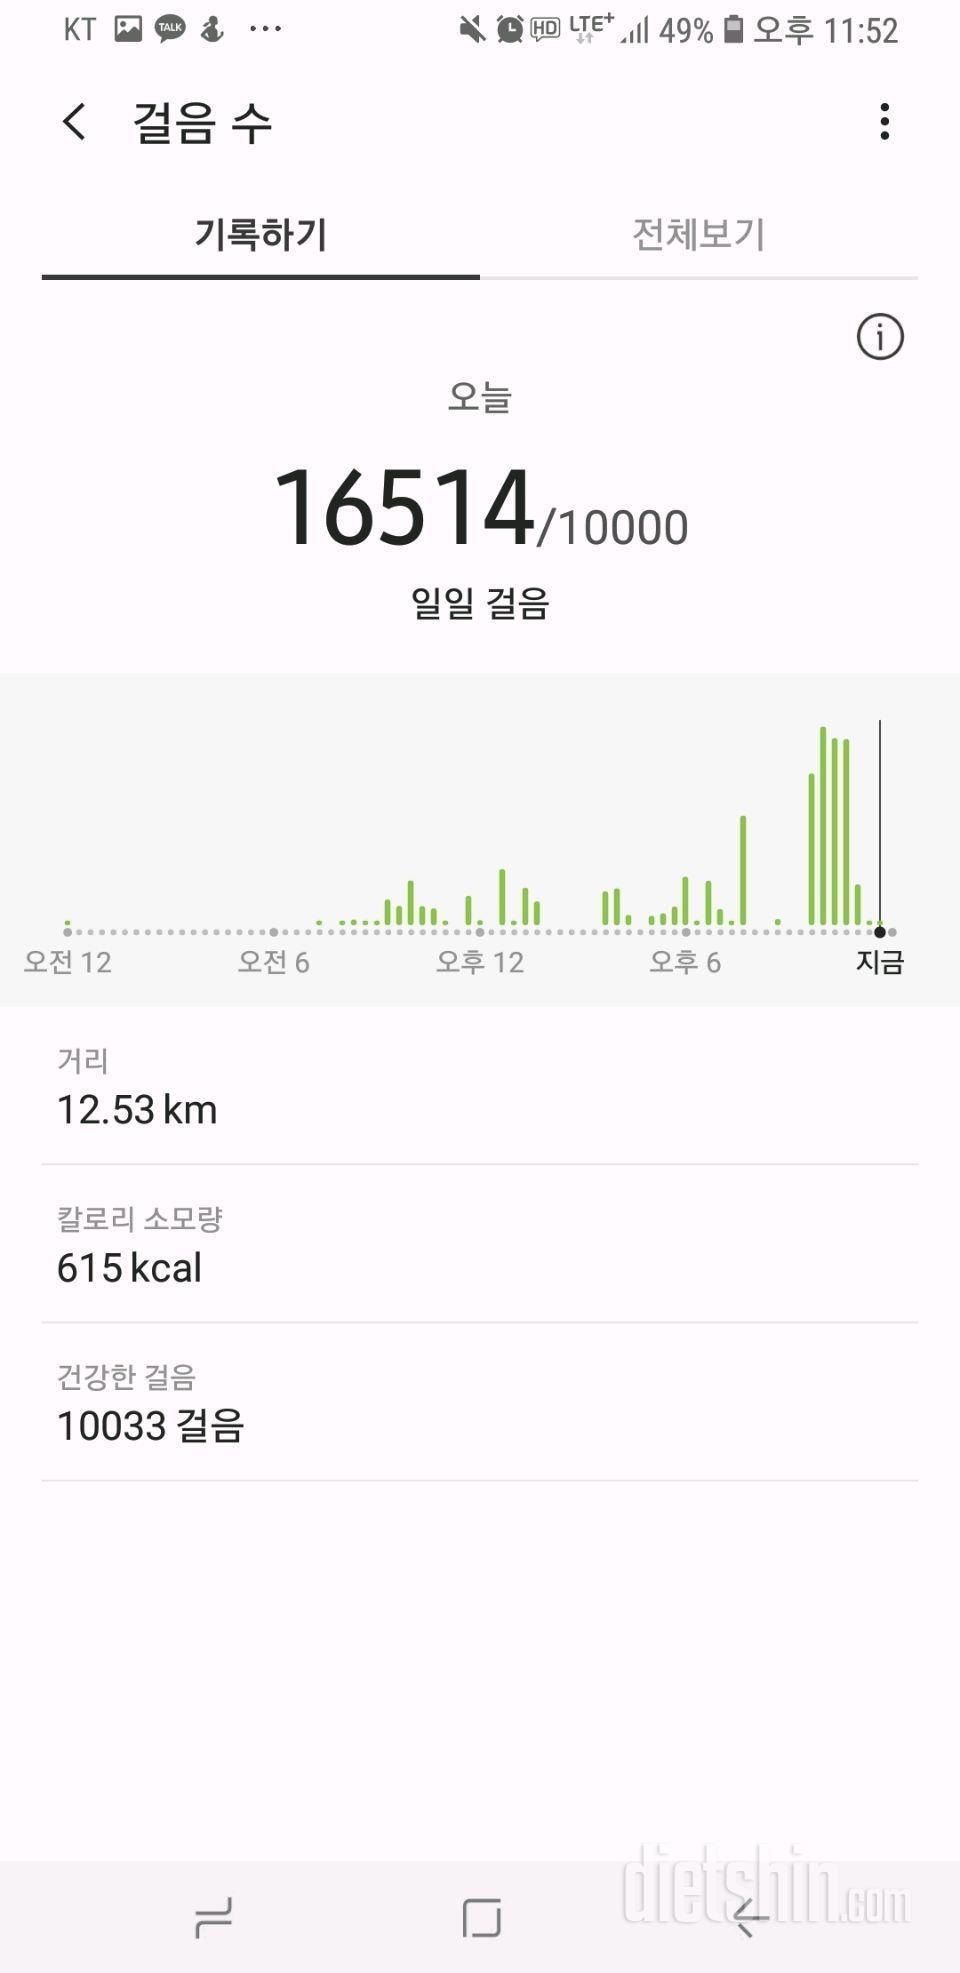 [다신 14기 운동미션] 1일차